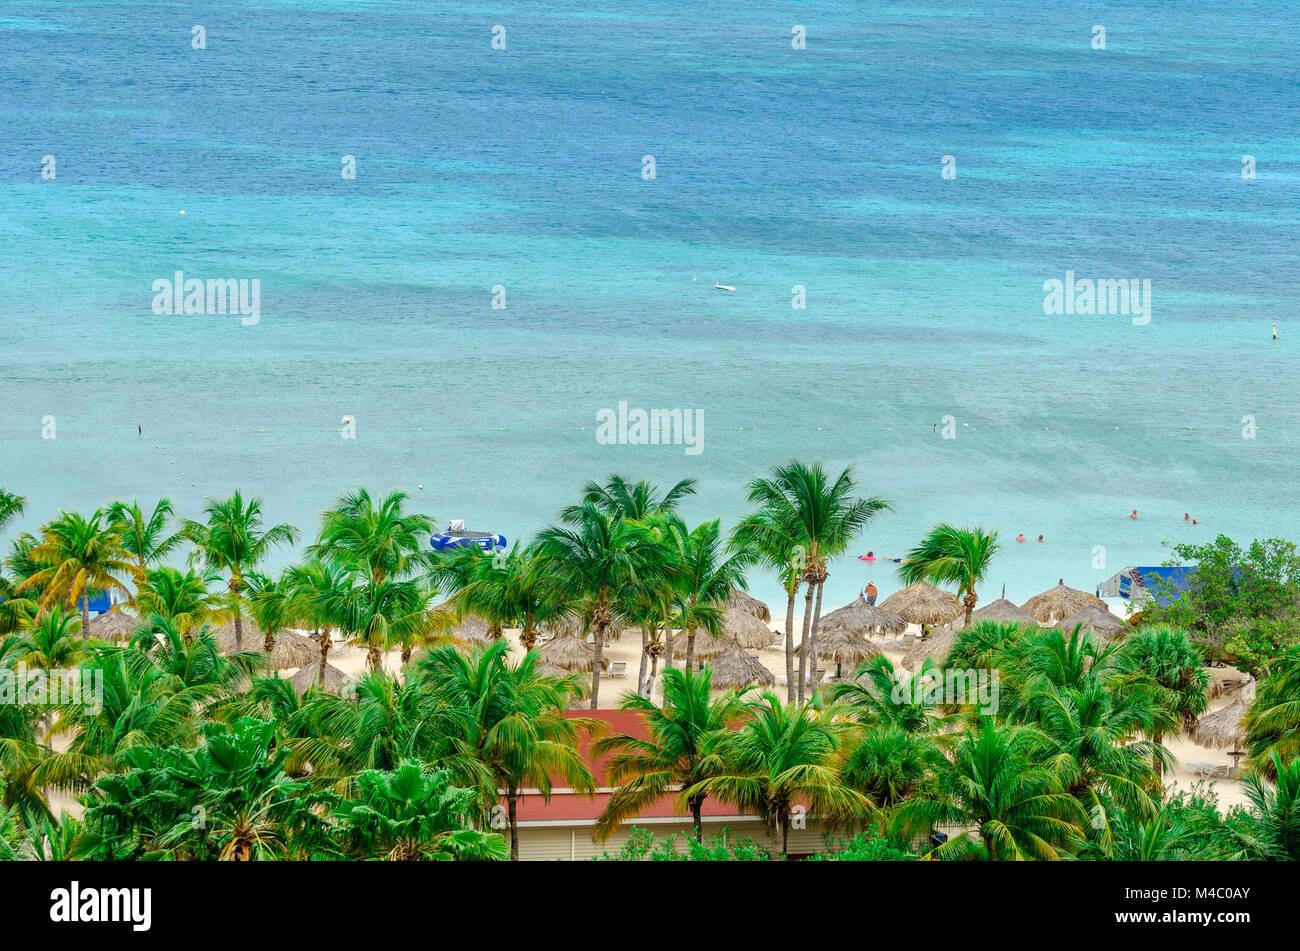 Les touristes profiter de la magnifique mer des caraïbes bleu Banque D'Images